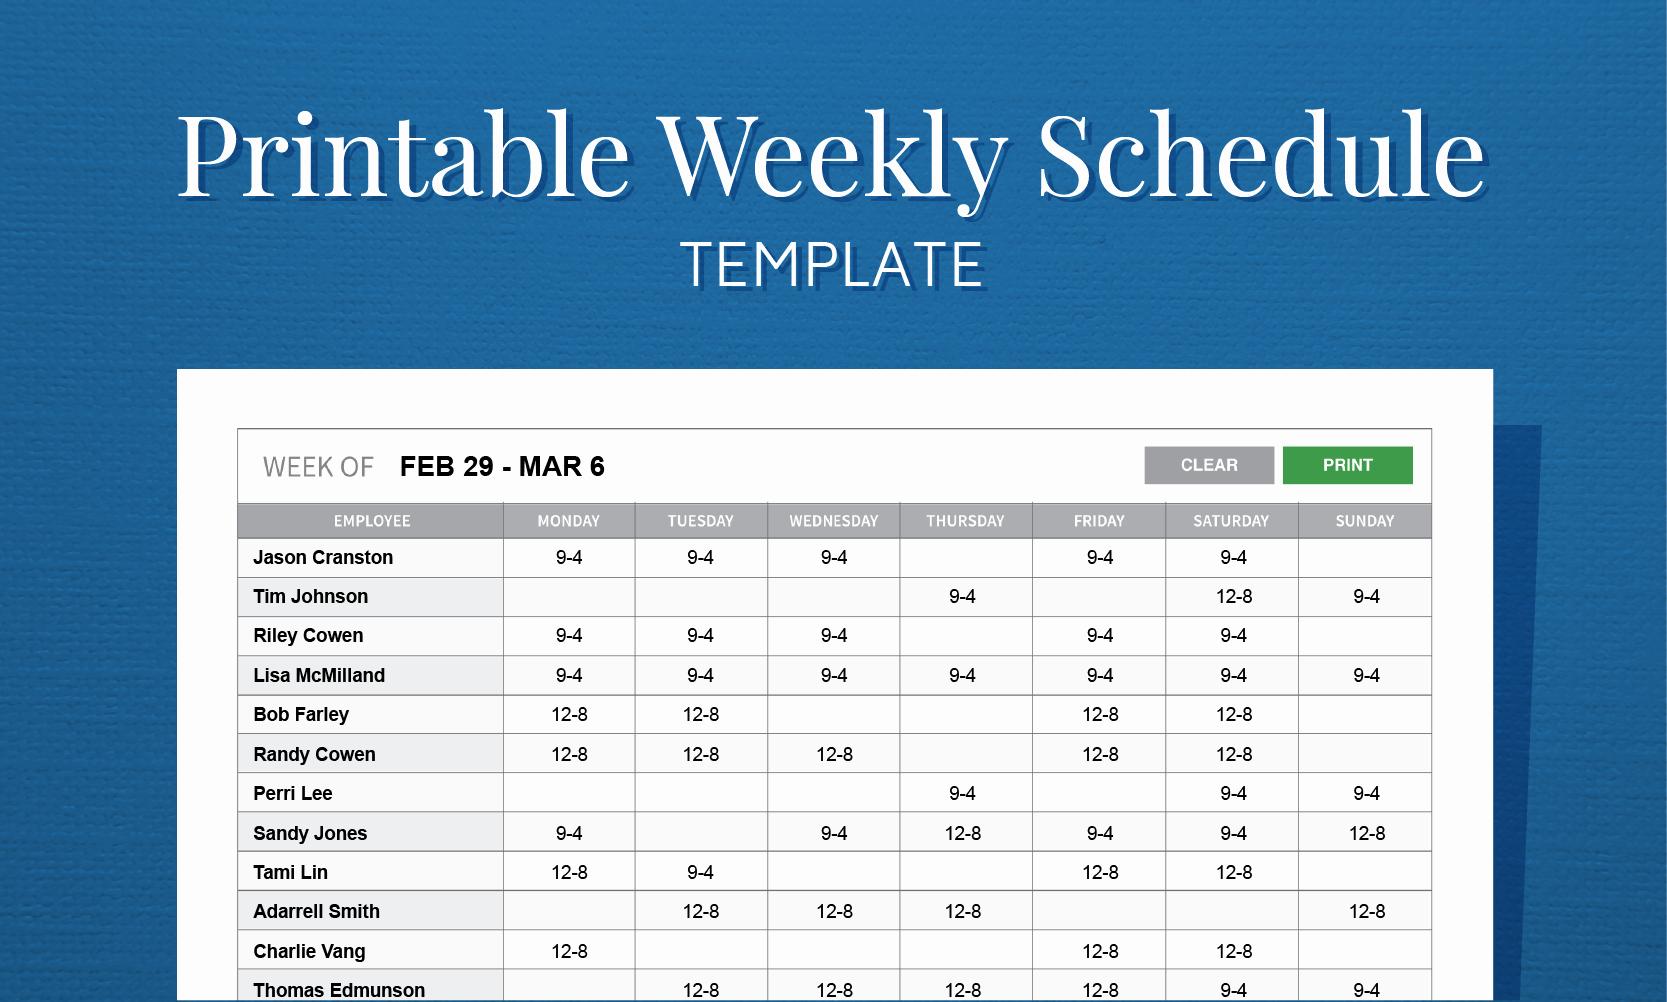 Employee Weekly Work Schedule Template Elegant Free Printable Work Schedule Template for Employee